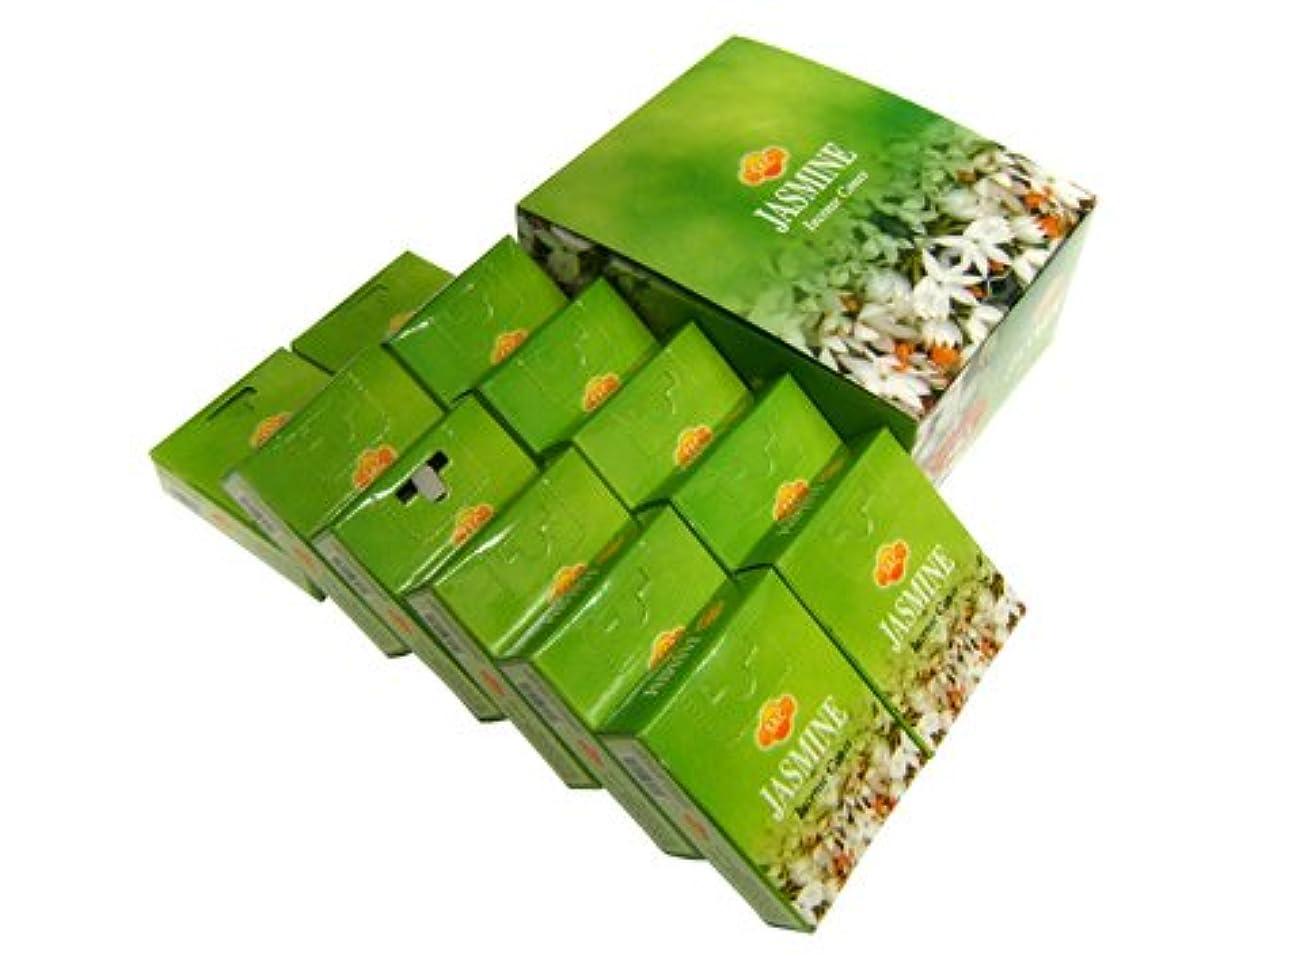 SANDESH SAC (サンデッシュ) ジャスミン香コーンタイプ JASMINE CORN 12箱セット